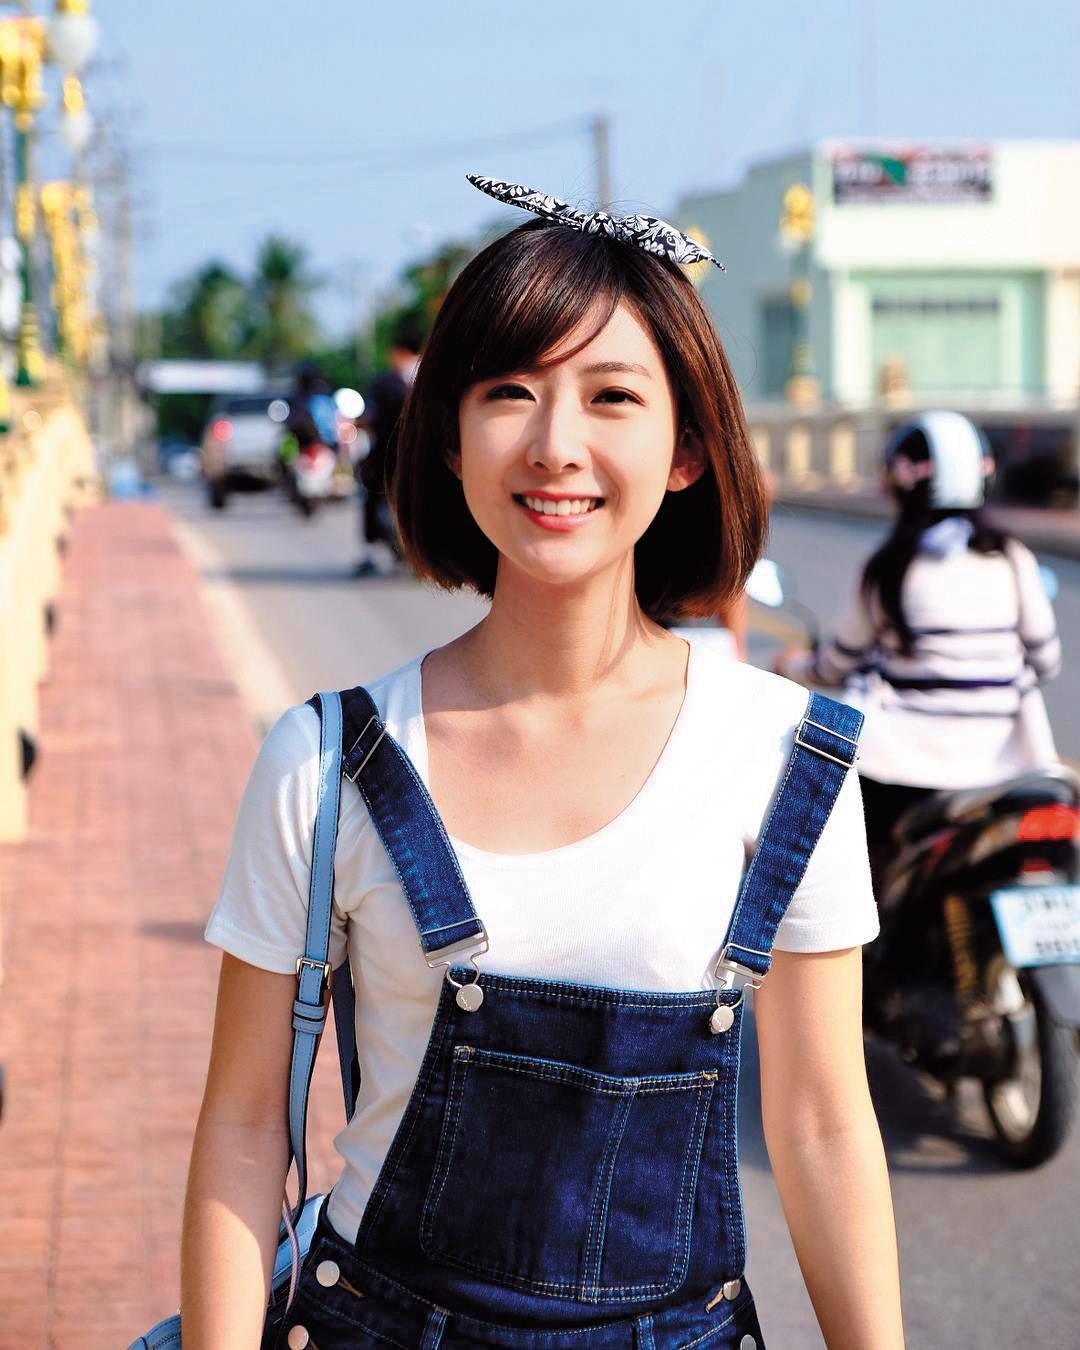 三立女主播莊惠琪外型亮麗,感情事卻被爆料。(翻攝臉書)